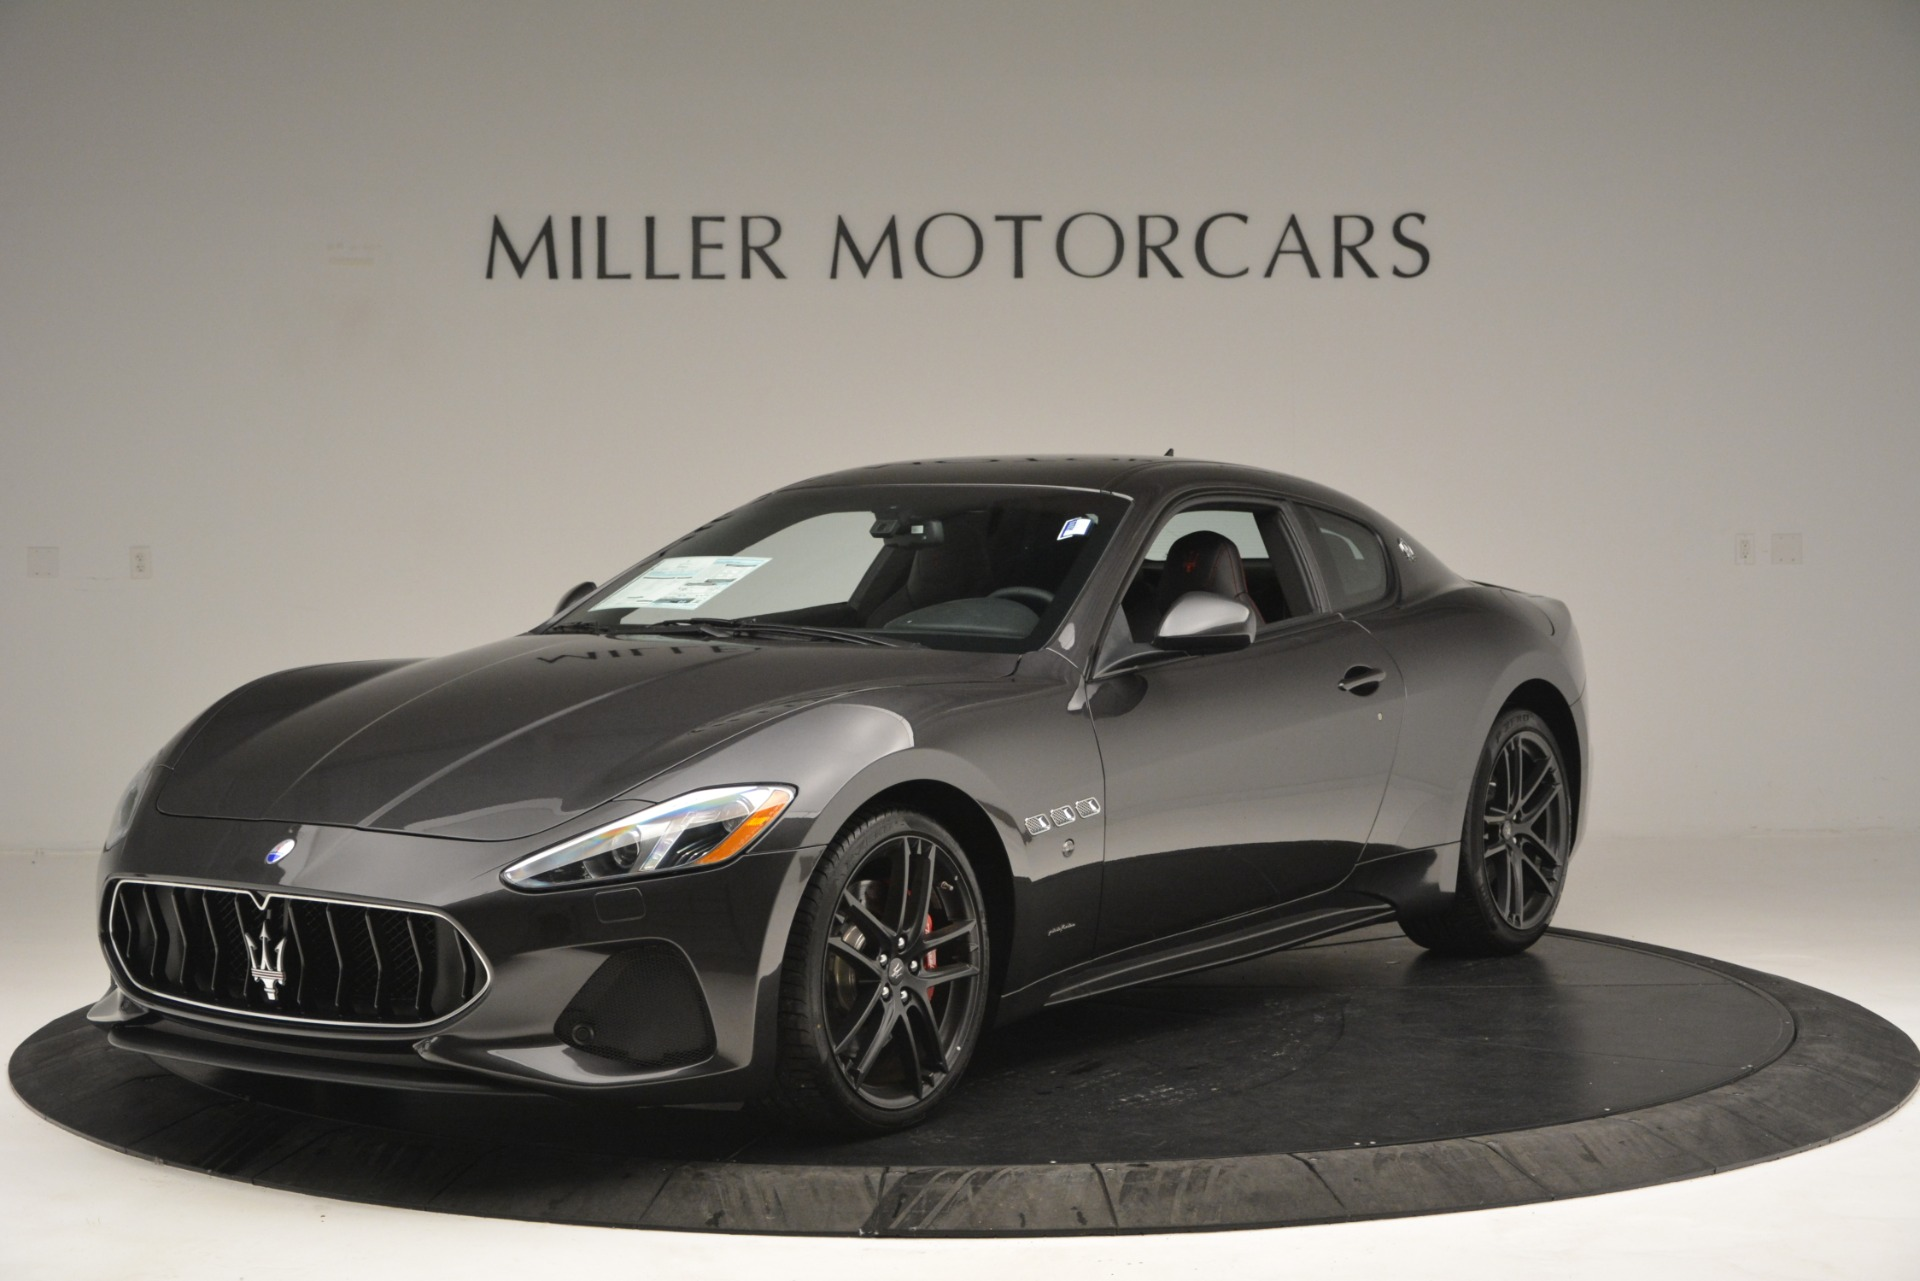 New 2018 Maserati GranTurismo Sport For Sale In Greenwich, CT 2621_main